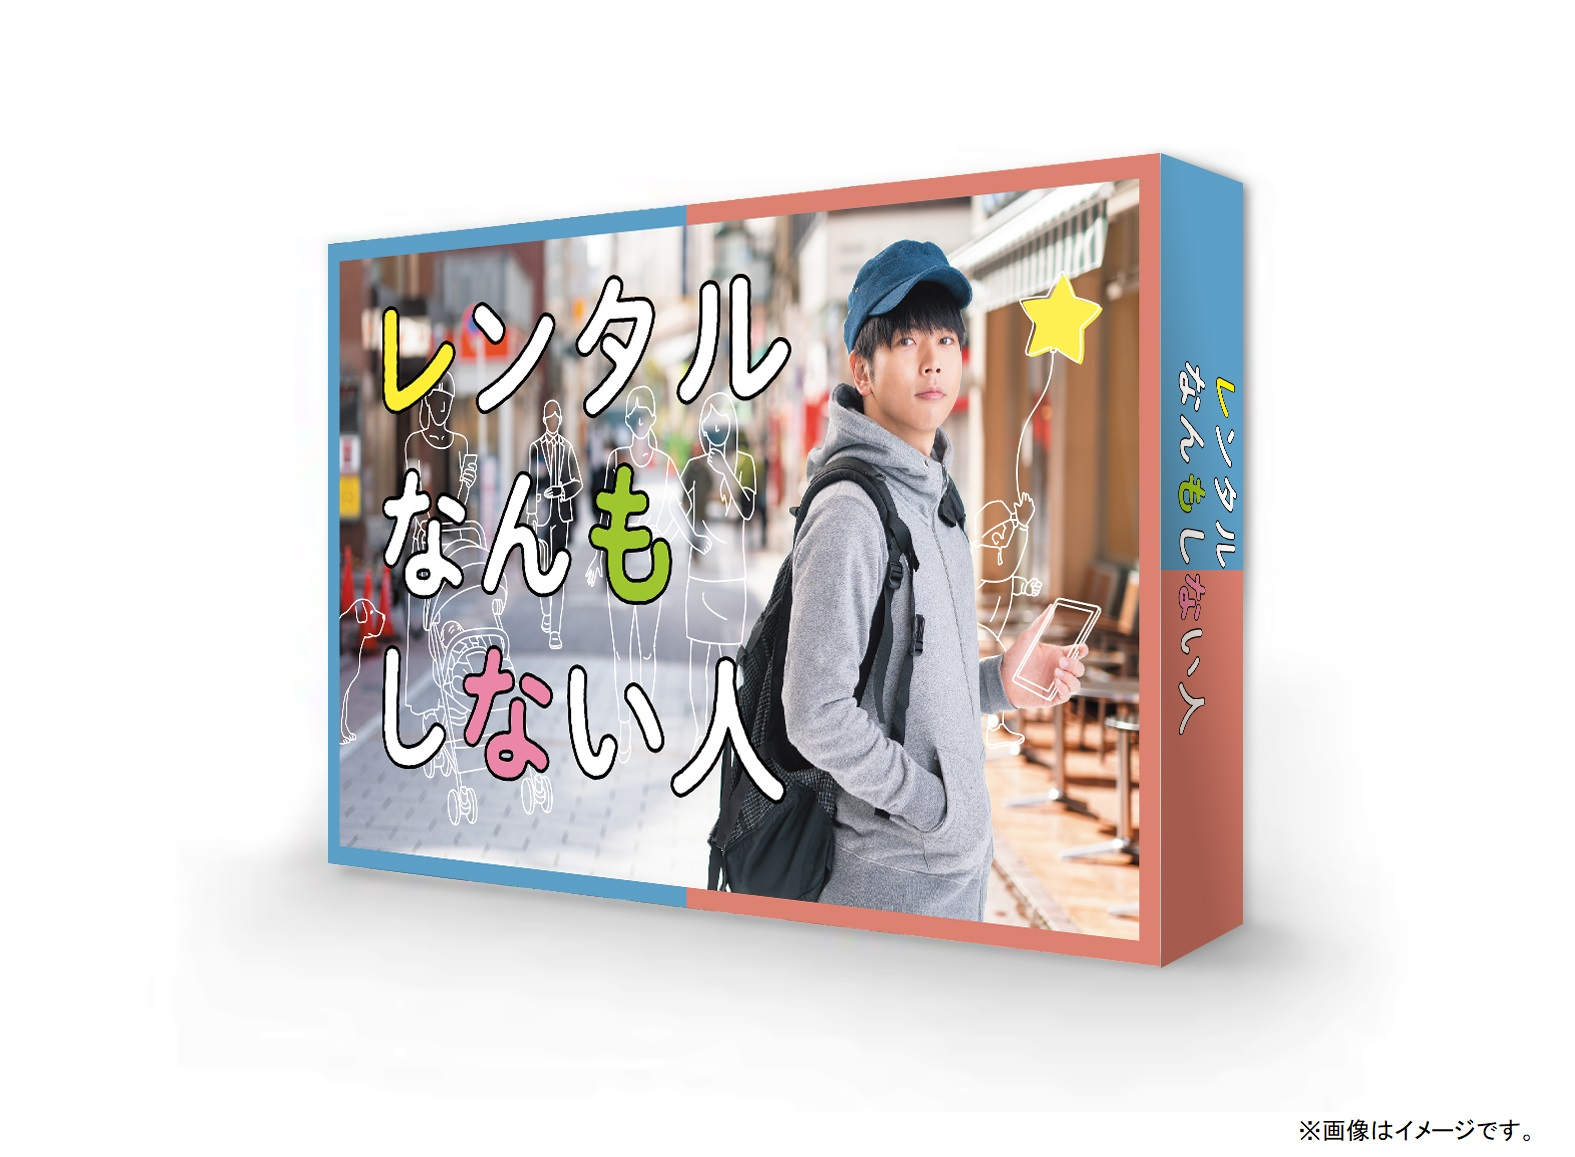 4/23発売!『レンタルなんもしない人』Blu-ray&DVD BOX